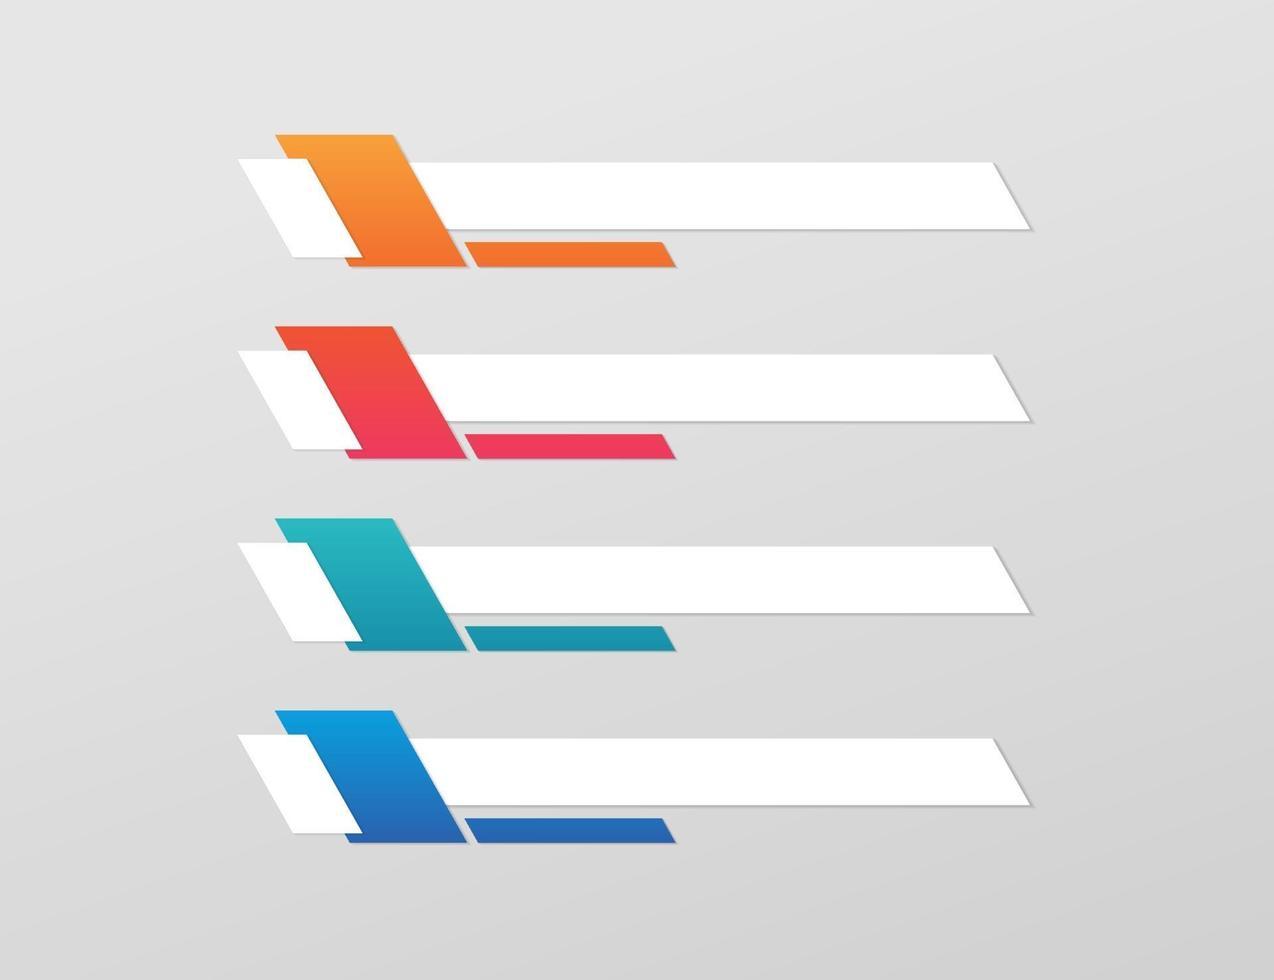 modelo de banner moderno do terço inferior vetor